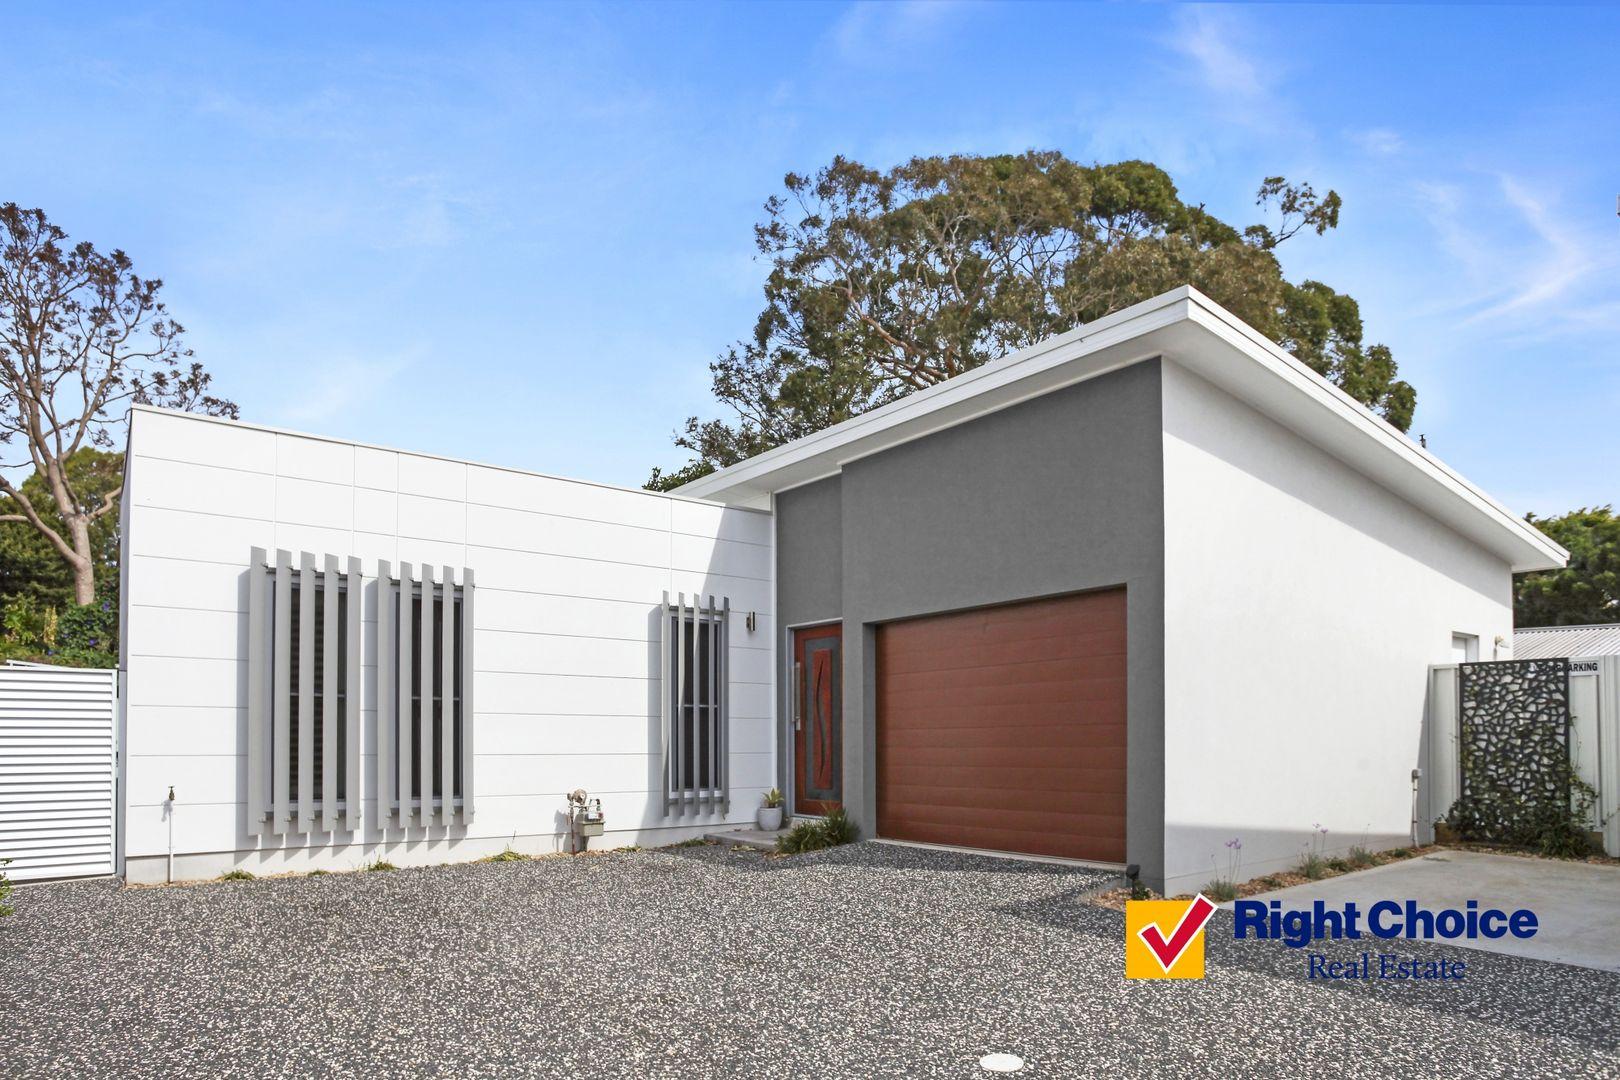 3/7 Griffiths  Street, Oak Flats NSW 2529, Image 0